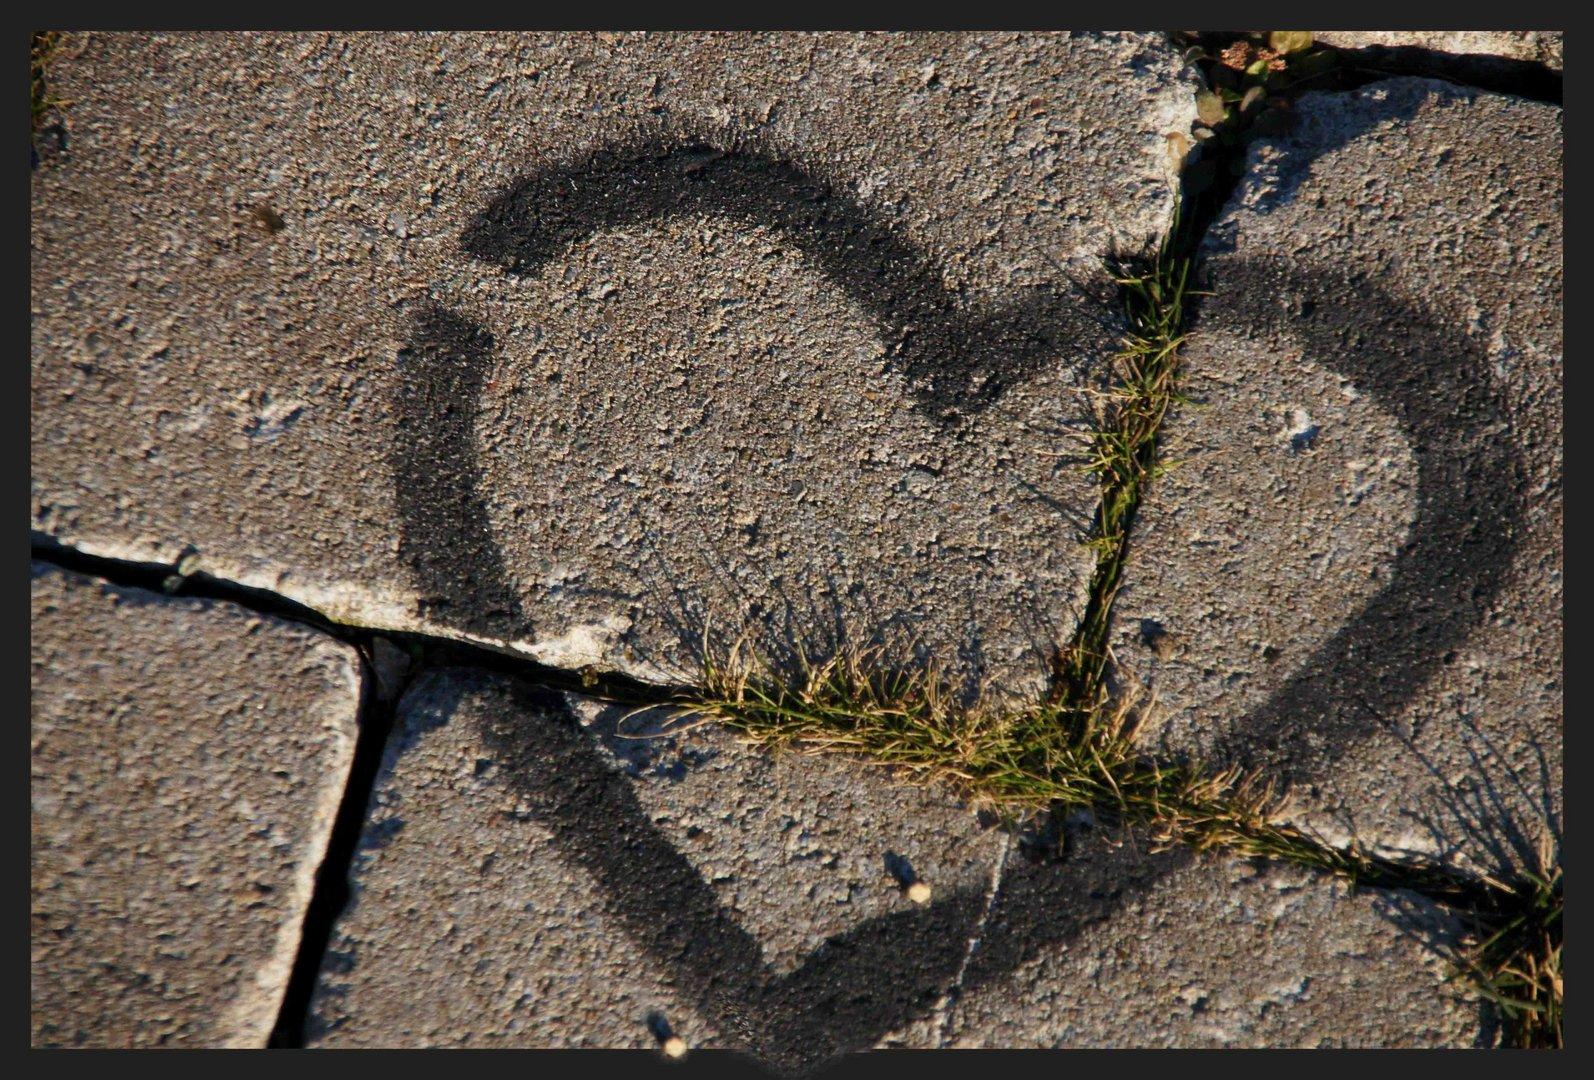 Herz für Freunde-24 oder wo die Liebe hinfällt, wächst kein Gras mehr...